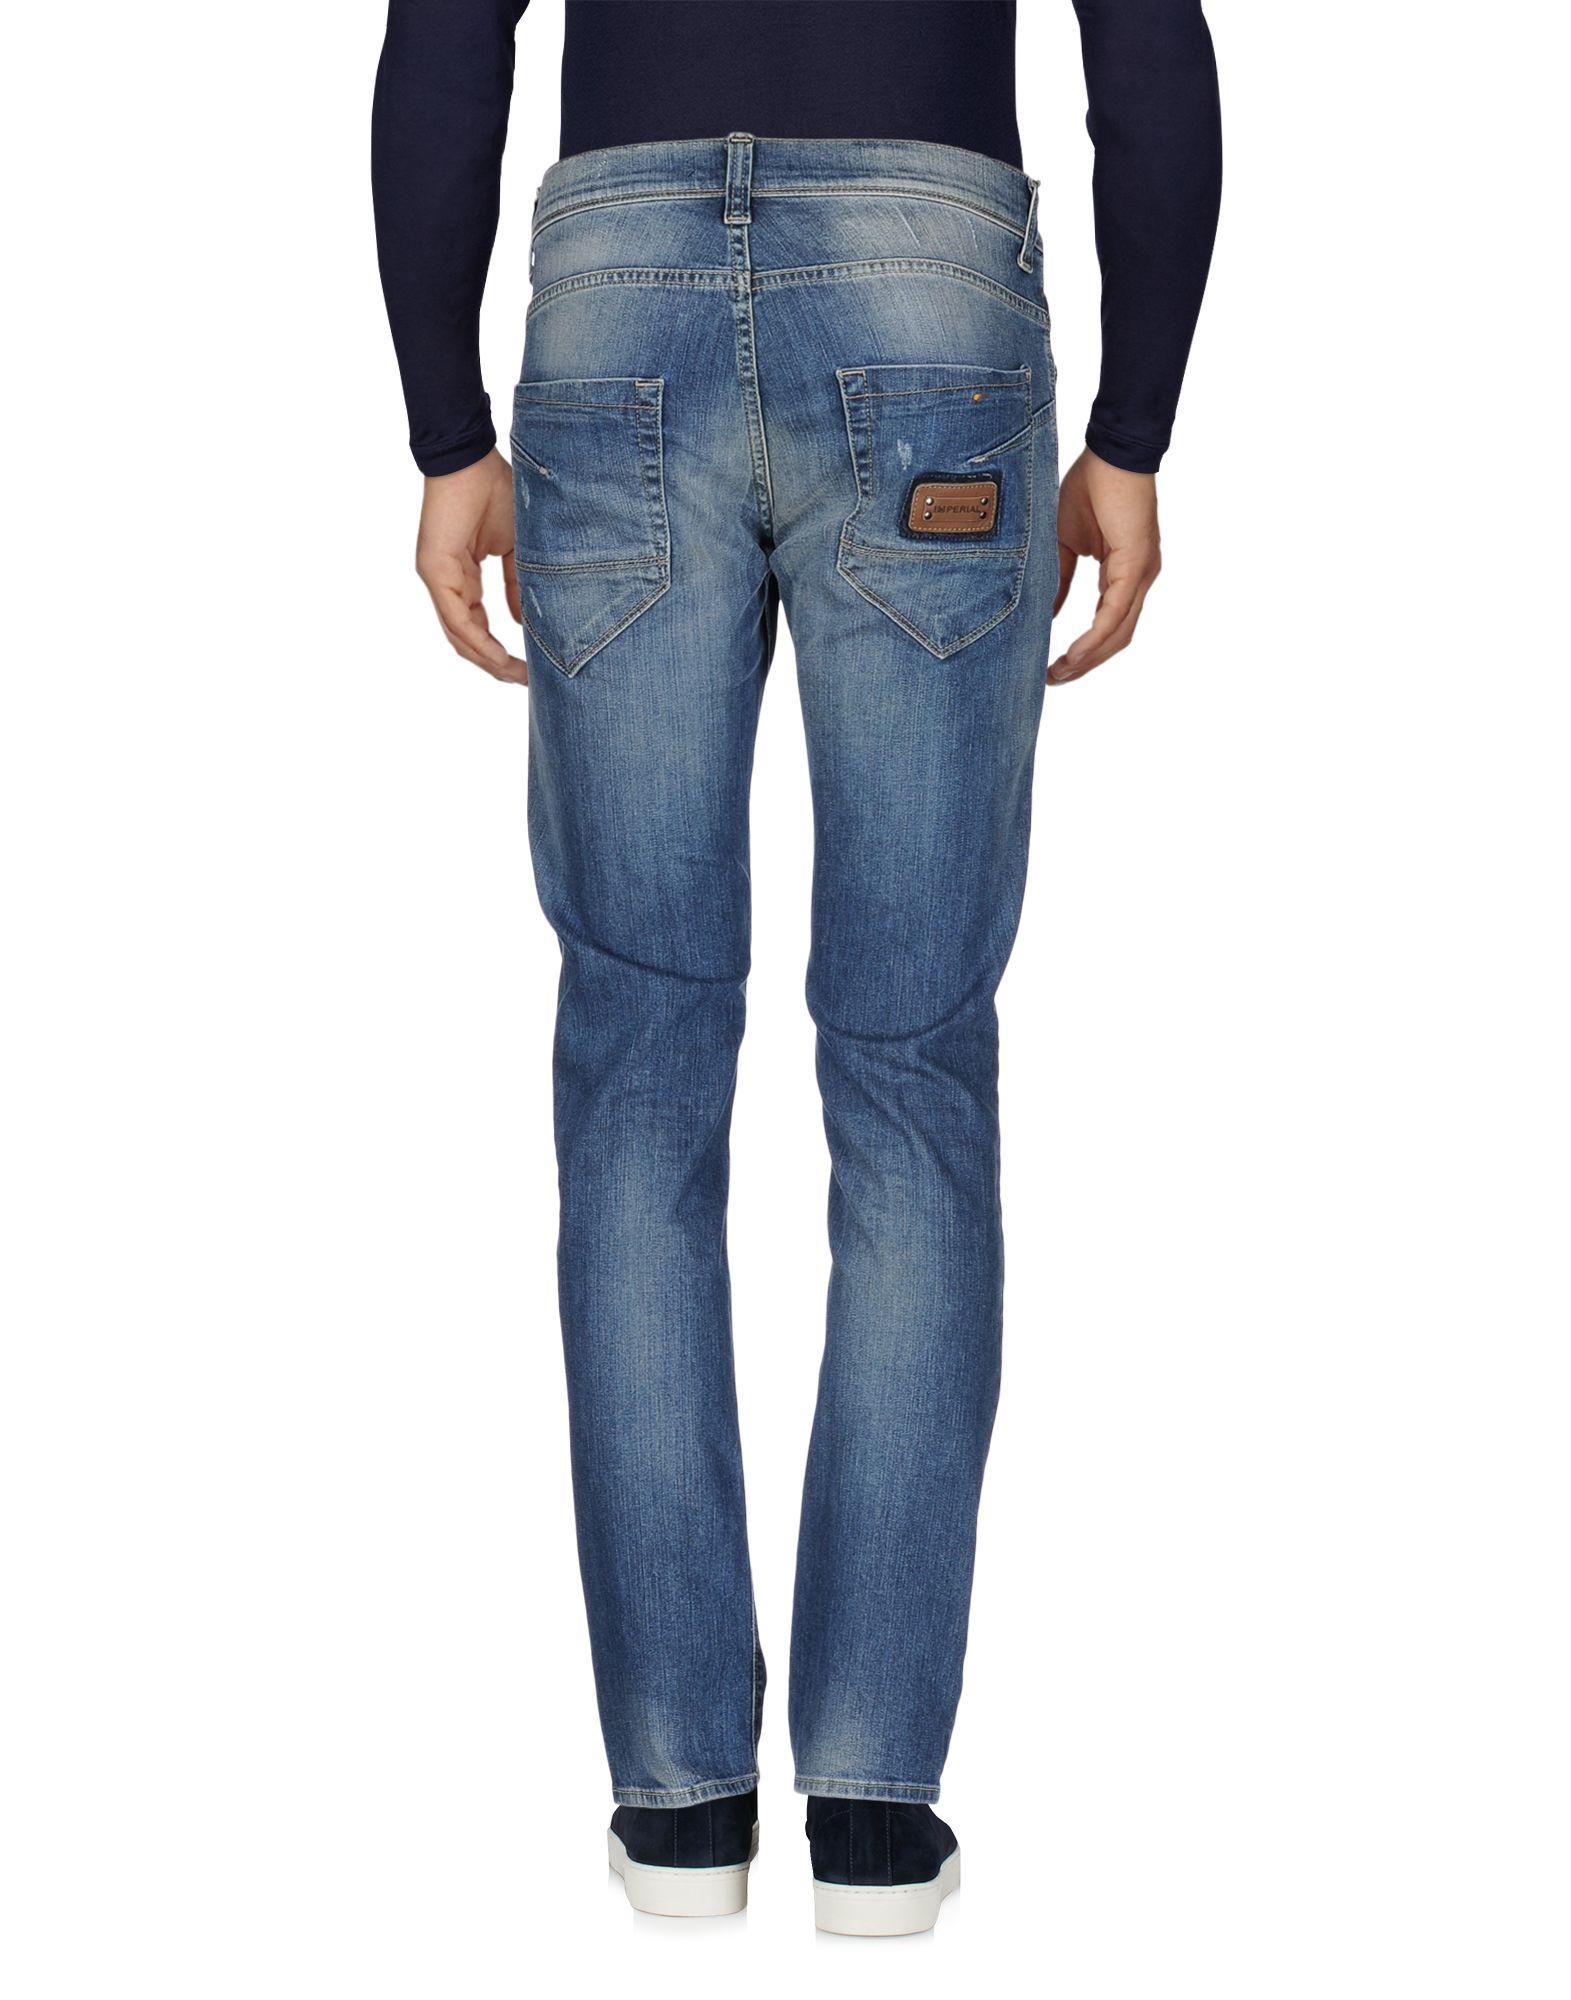 Pantaloni Jeans Imperial Uomo Uomo Uomo - 42607728XI 561096